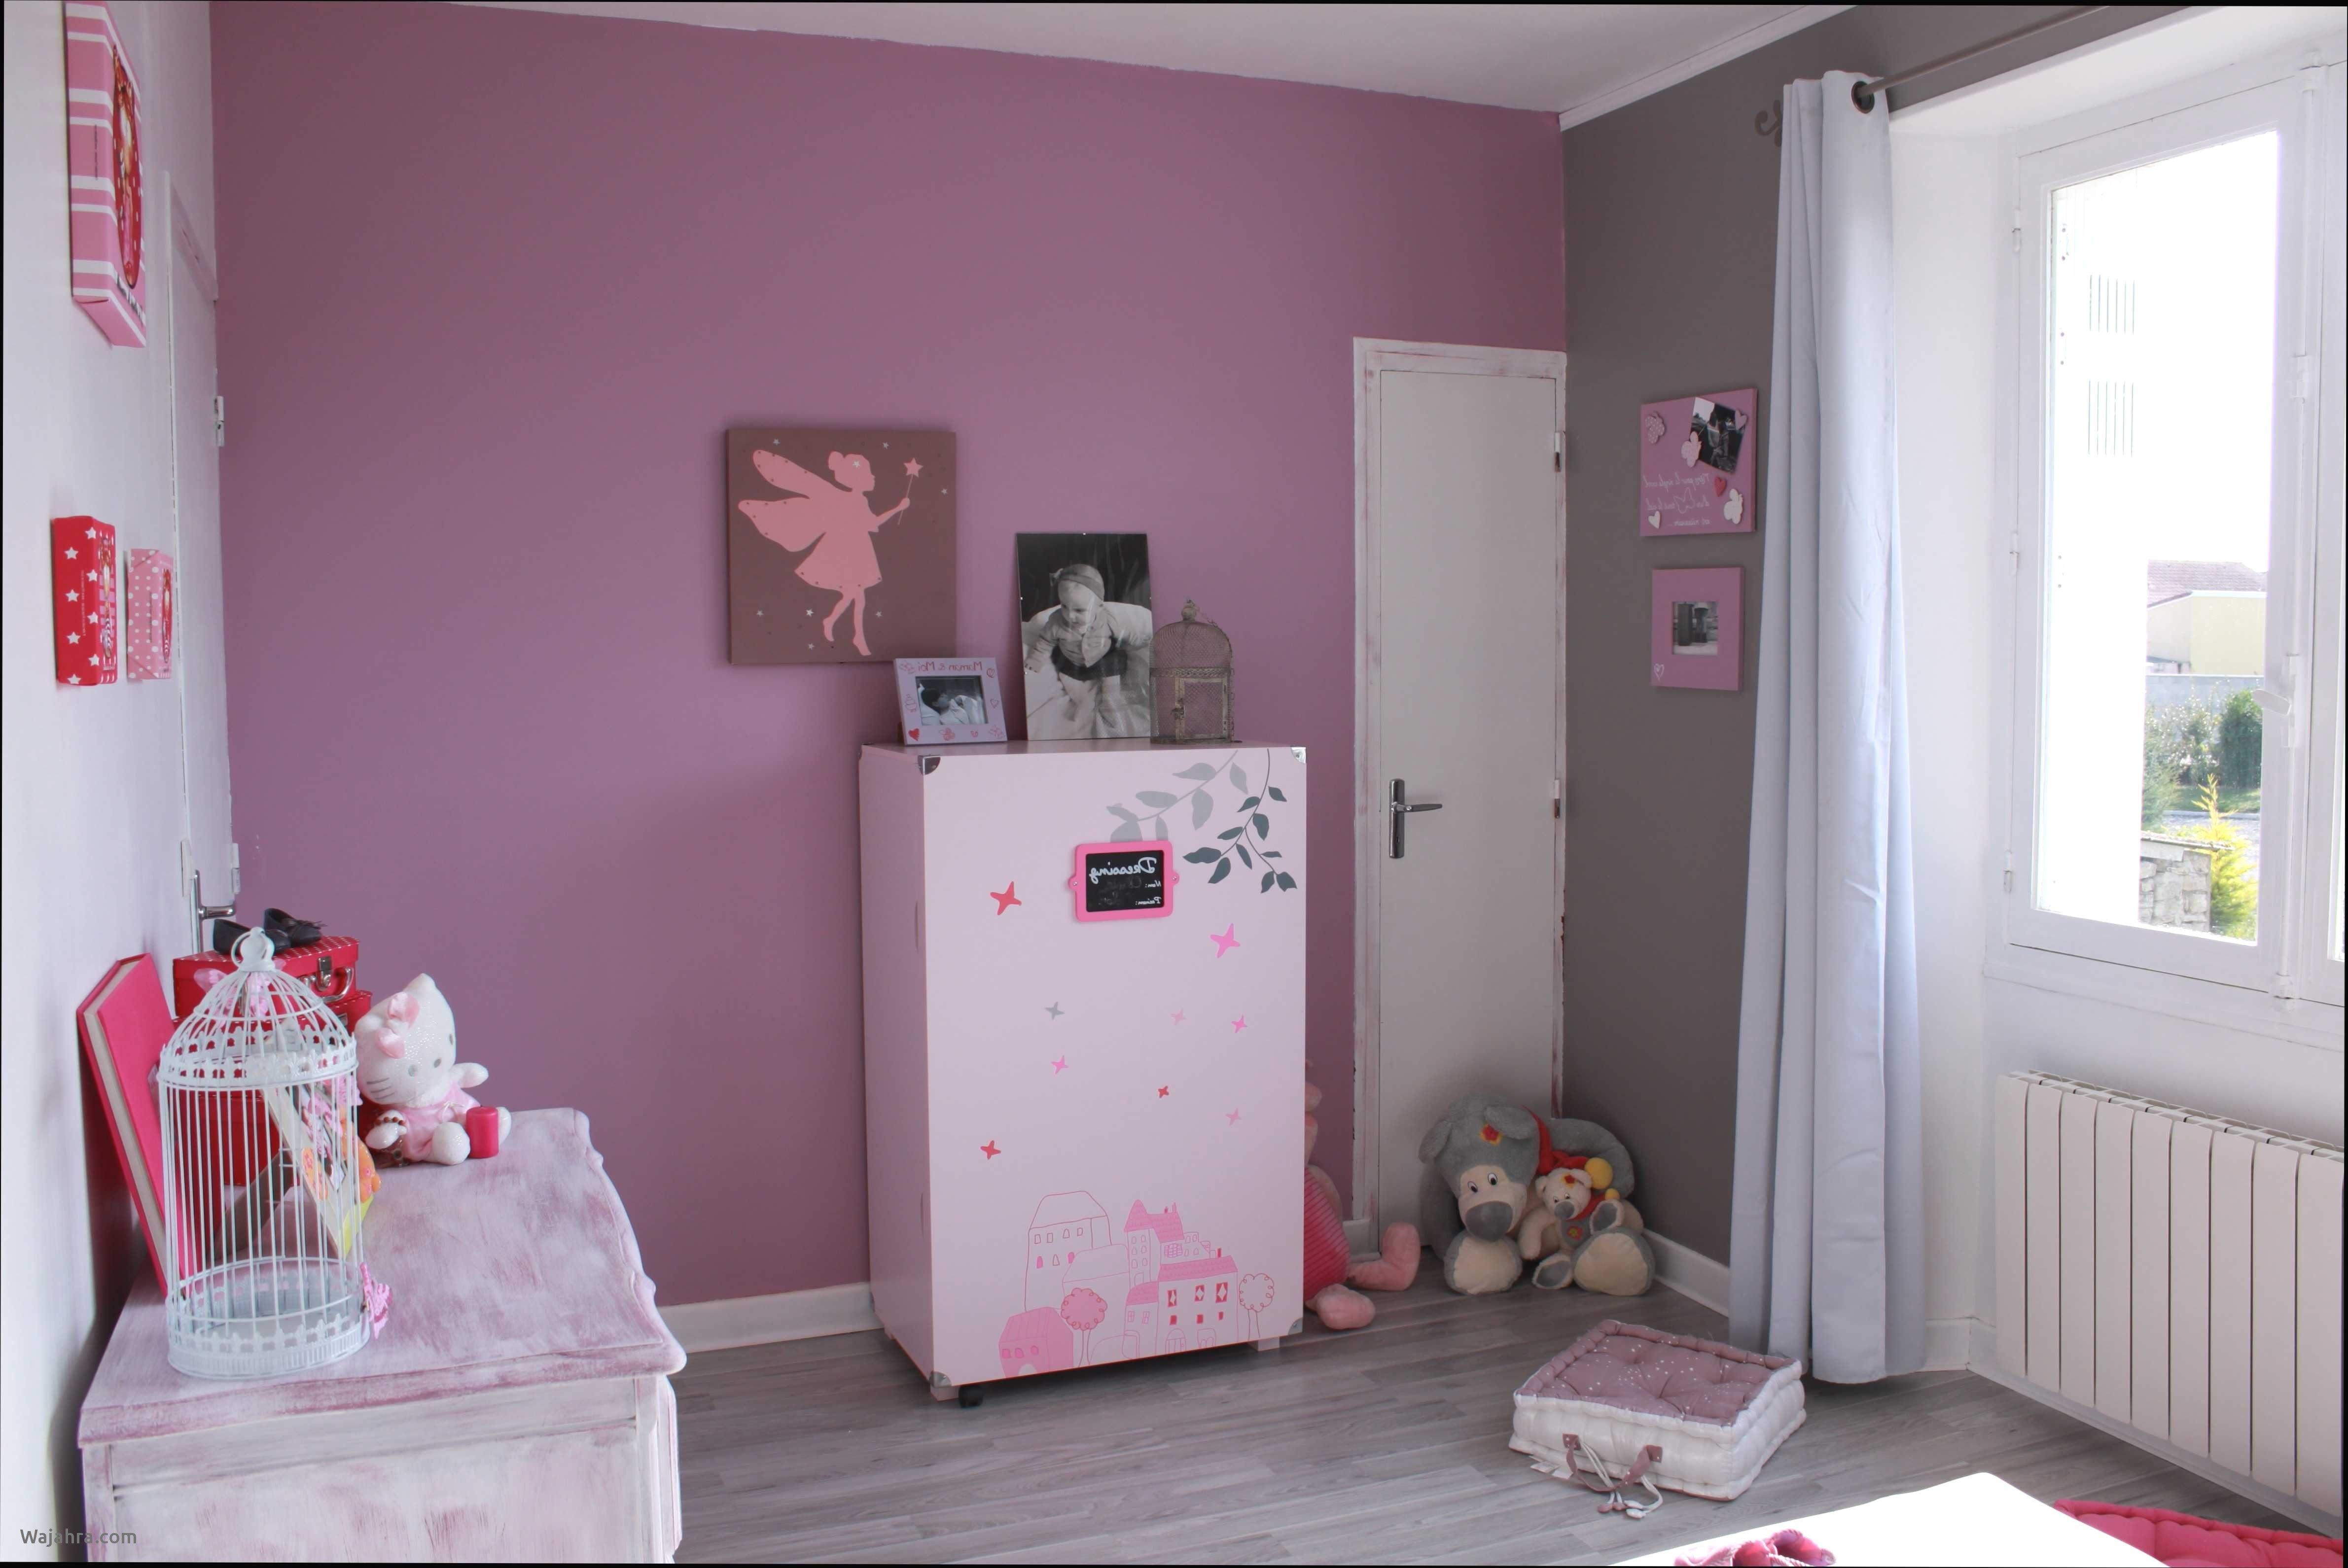 Lit Superposé Pour Bébé Frais Grande Baignoire Bébé Grande Baignoire Bébé Beautiful Mode Bébé